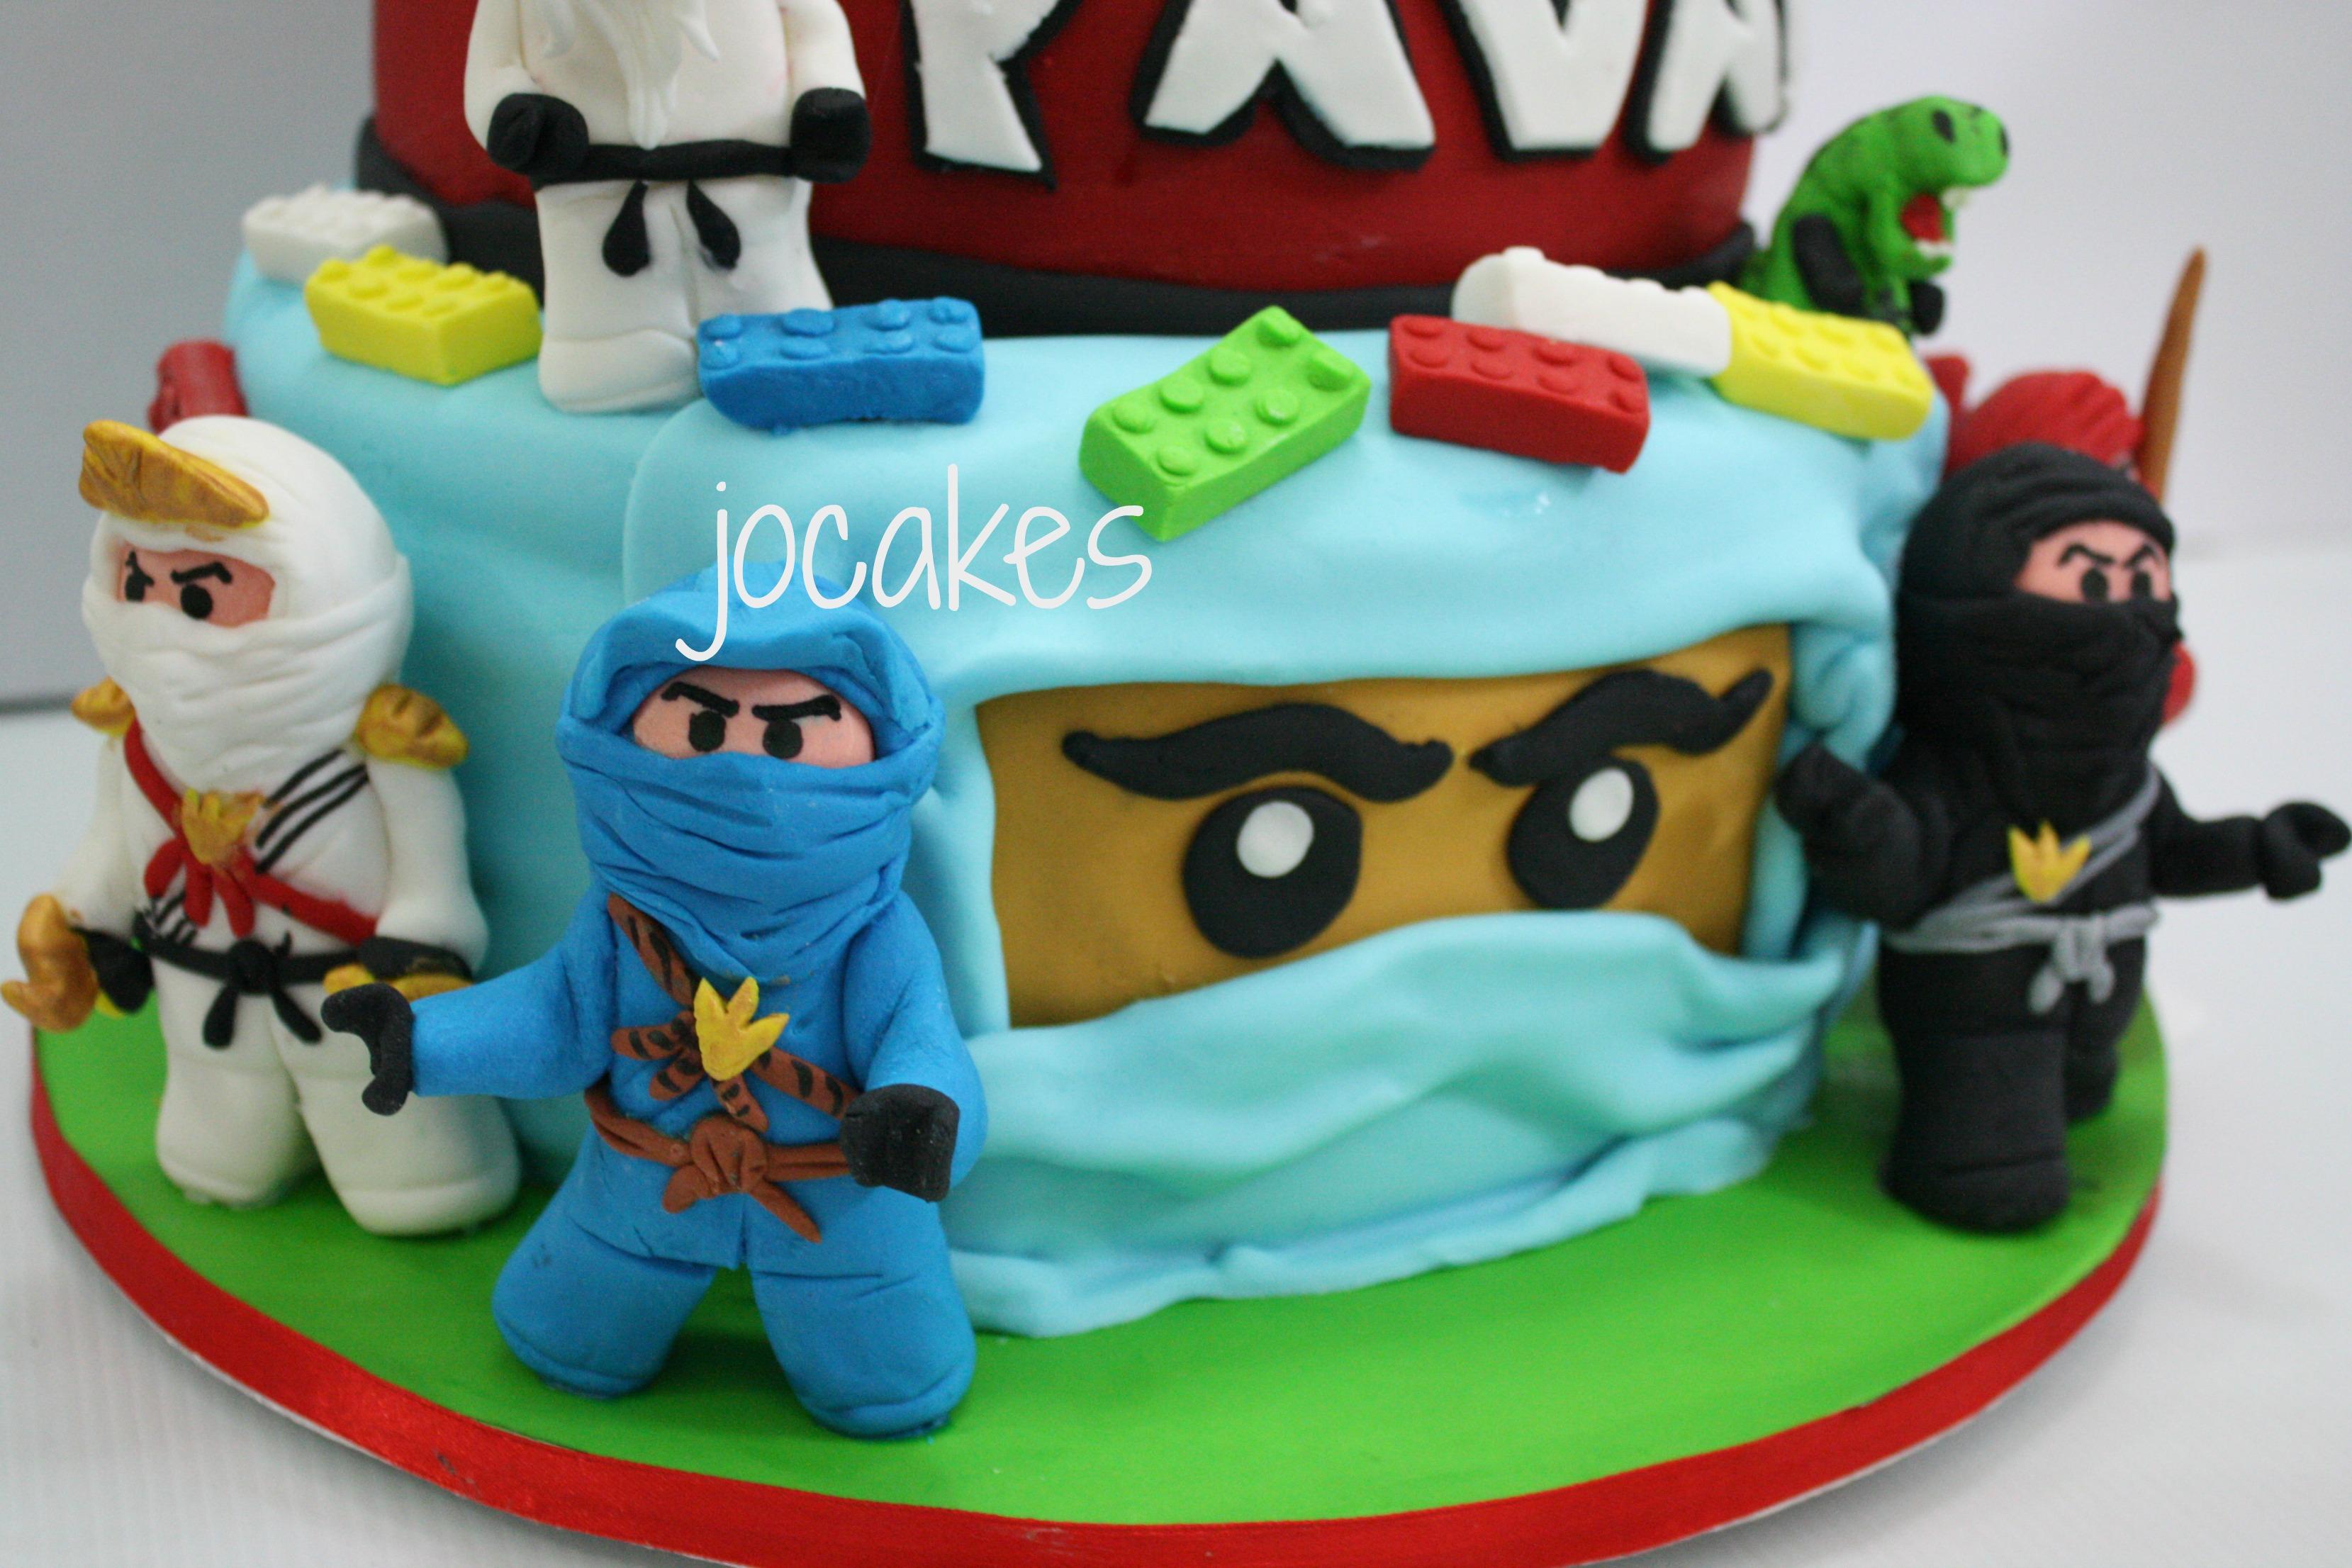 7 Year Old Cake Jocakes